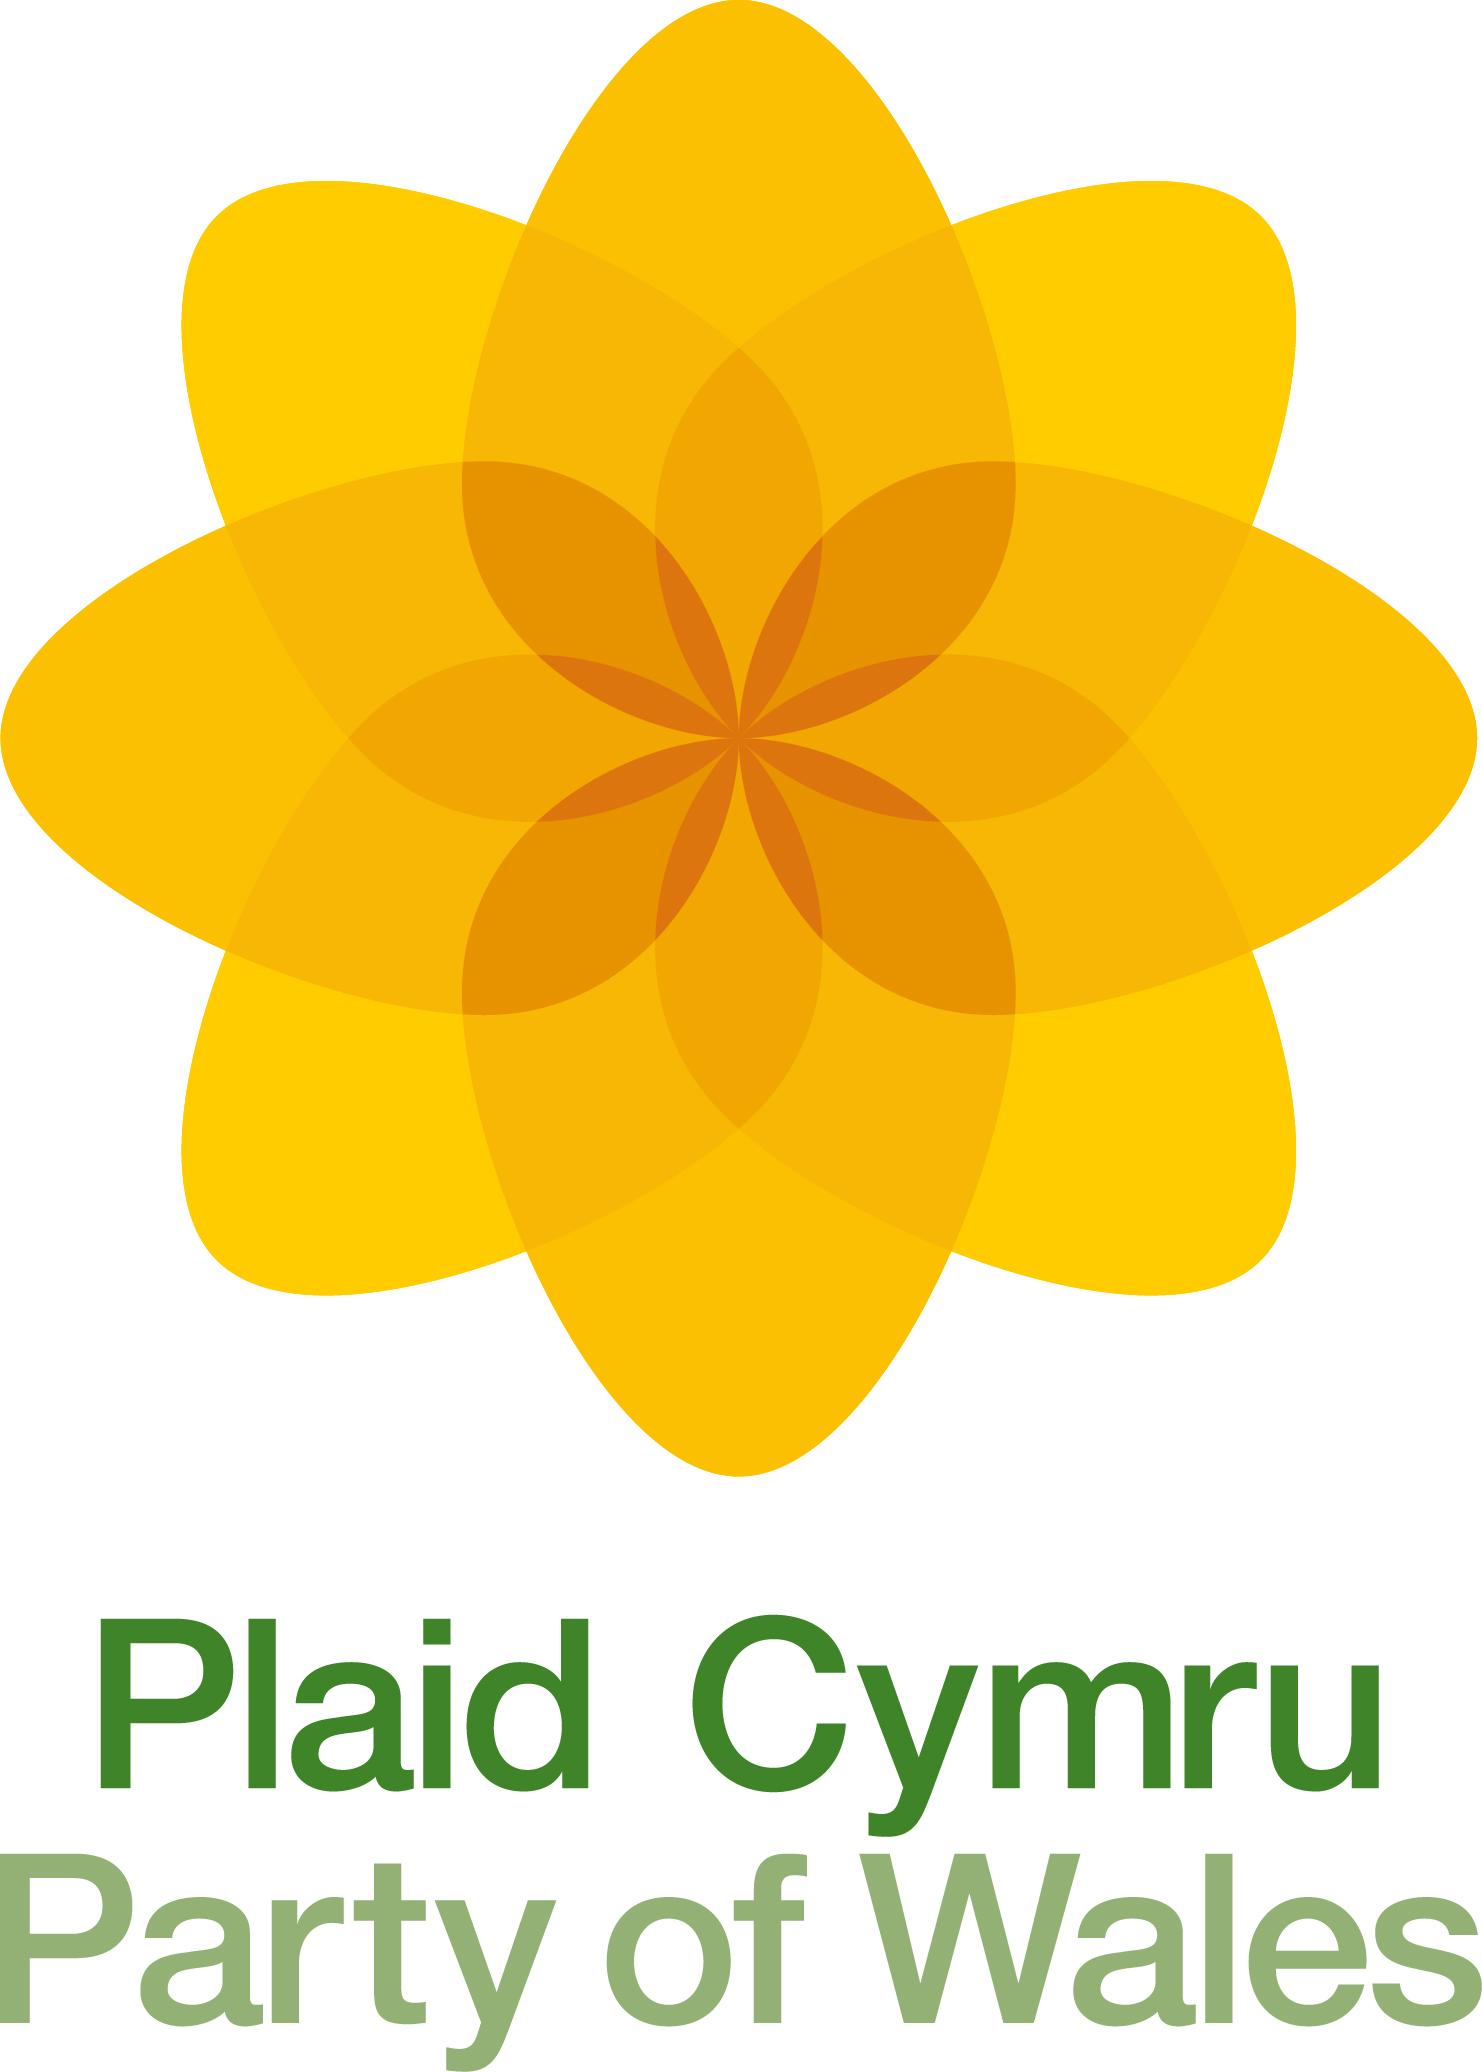 Plaid Cymru Party of Wales